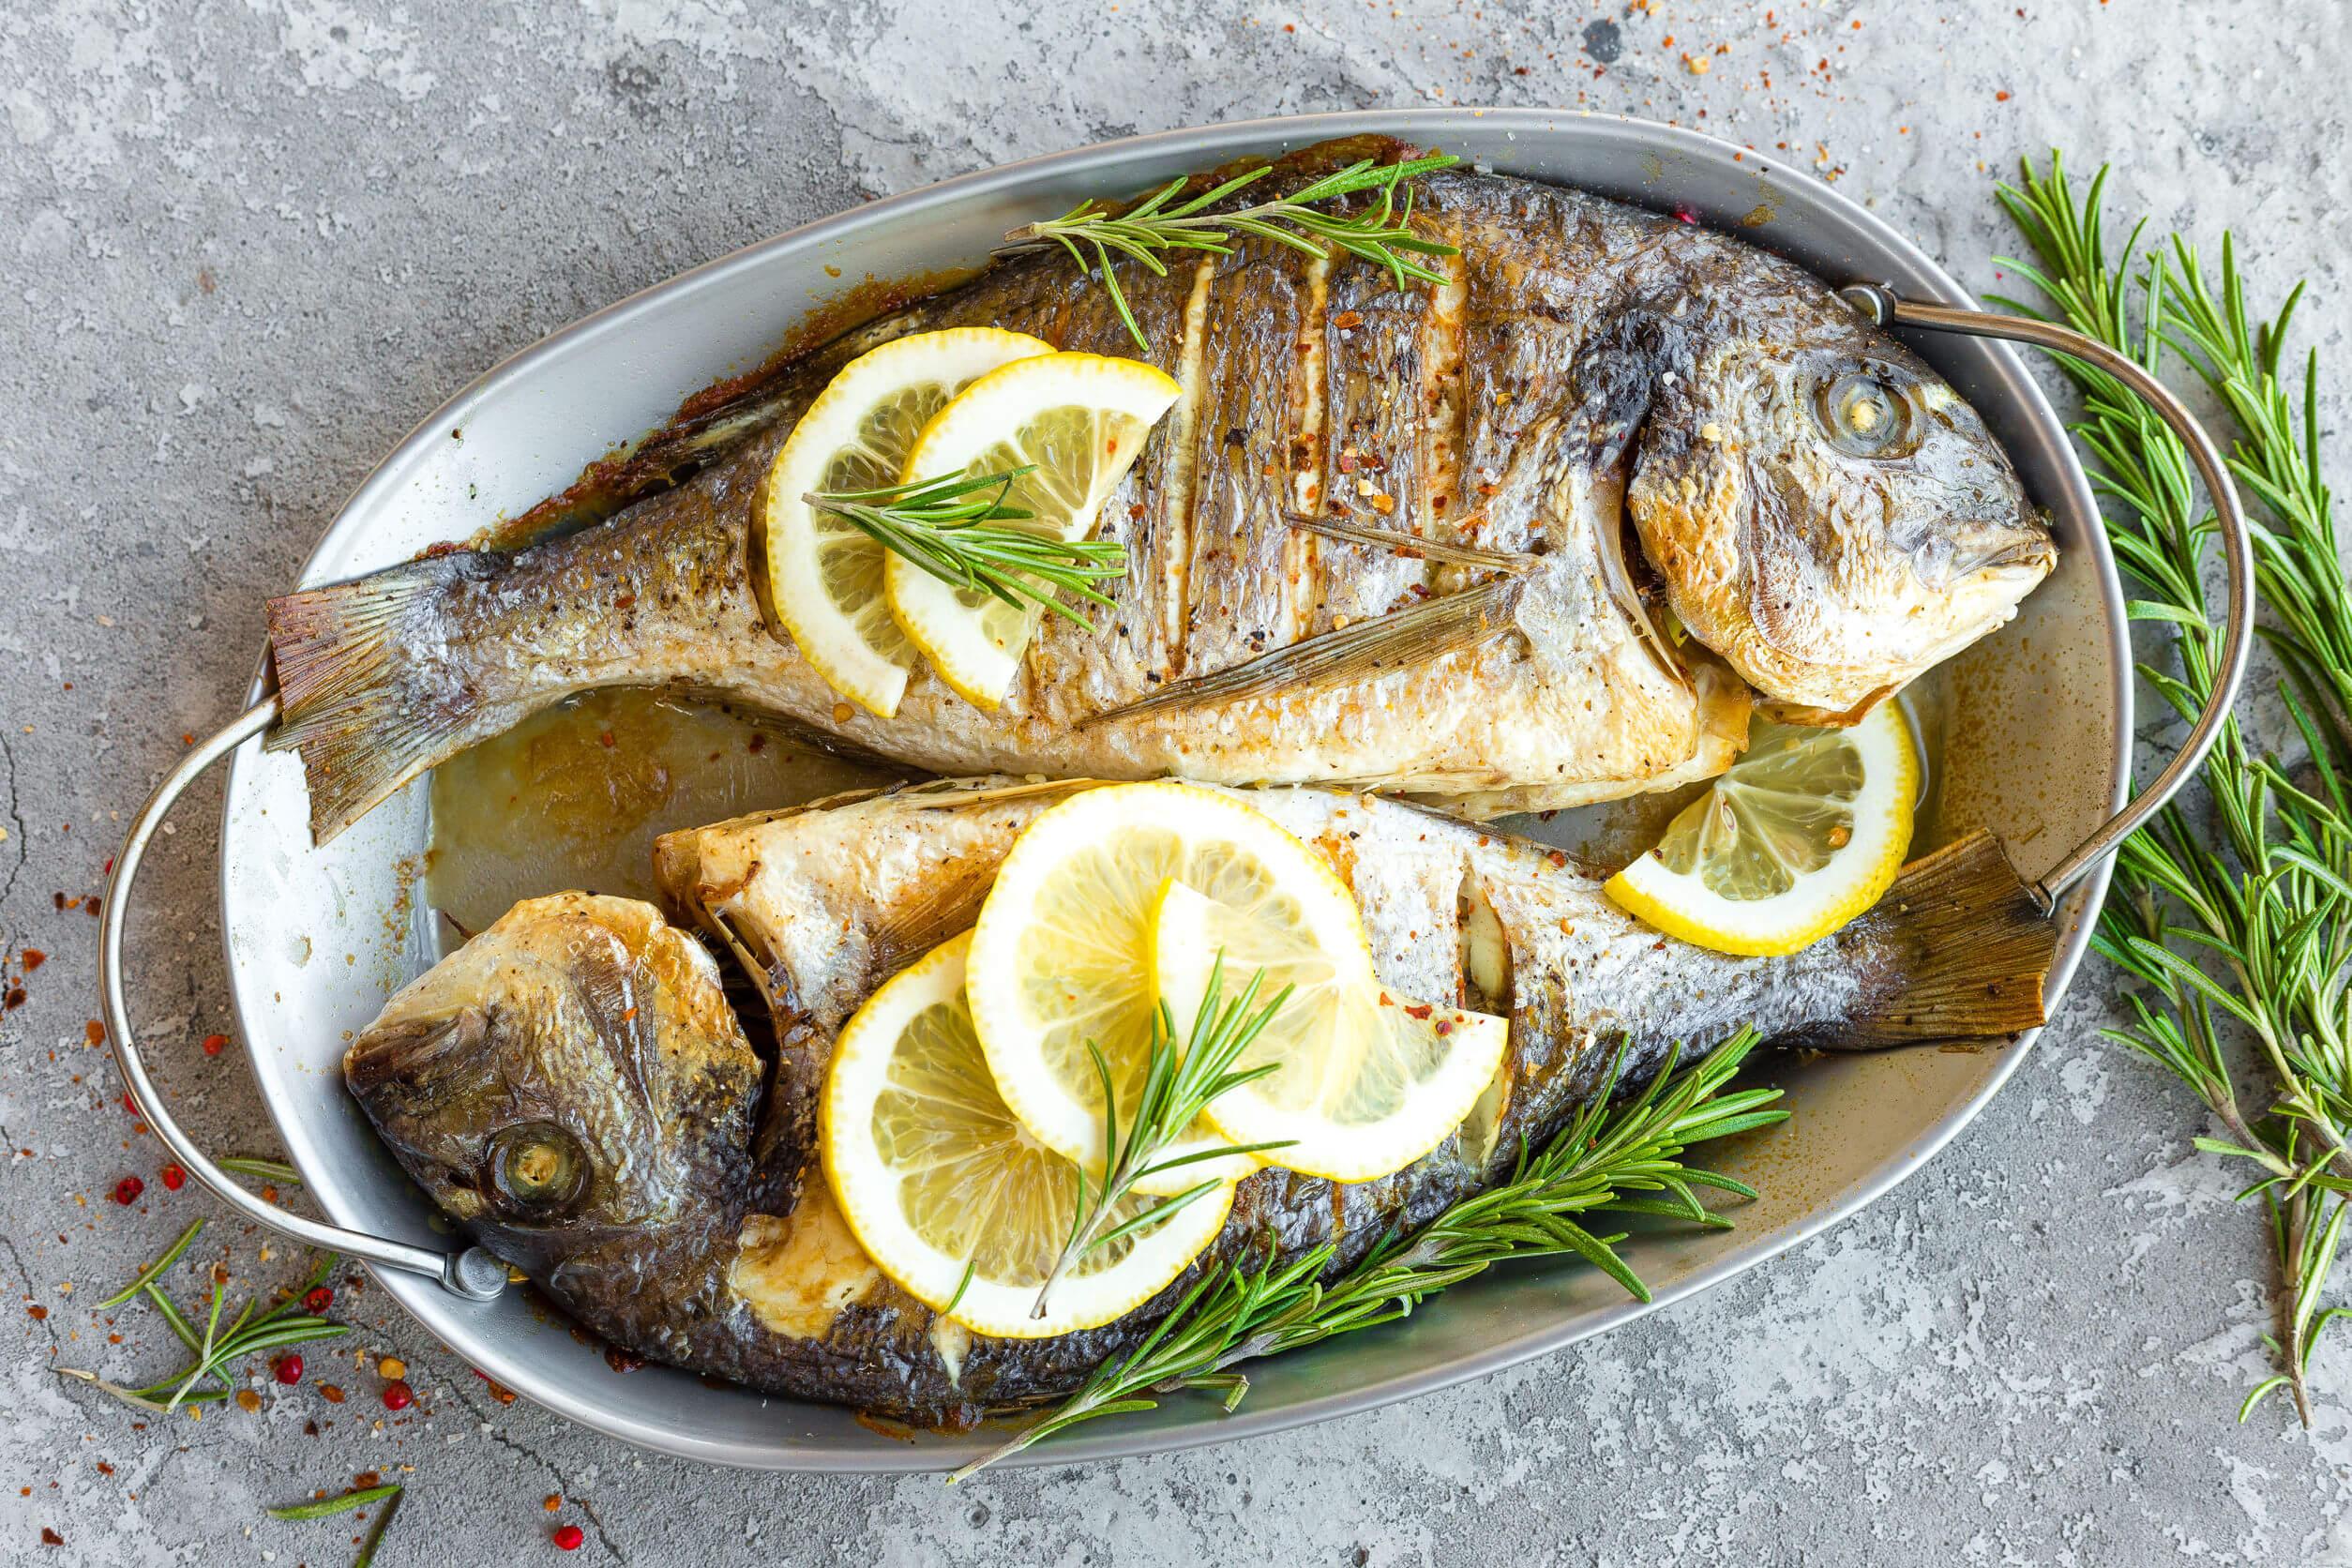 Le régime méditerranéen comprend généralement du poisson.